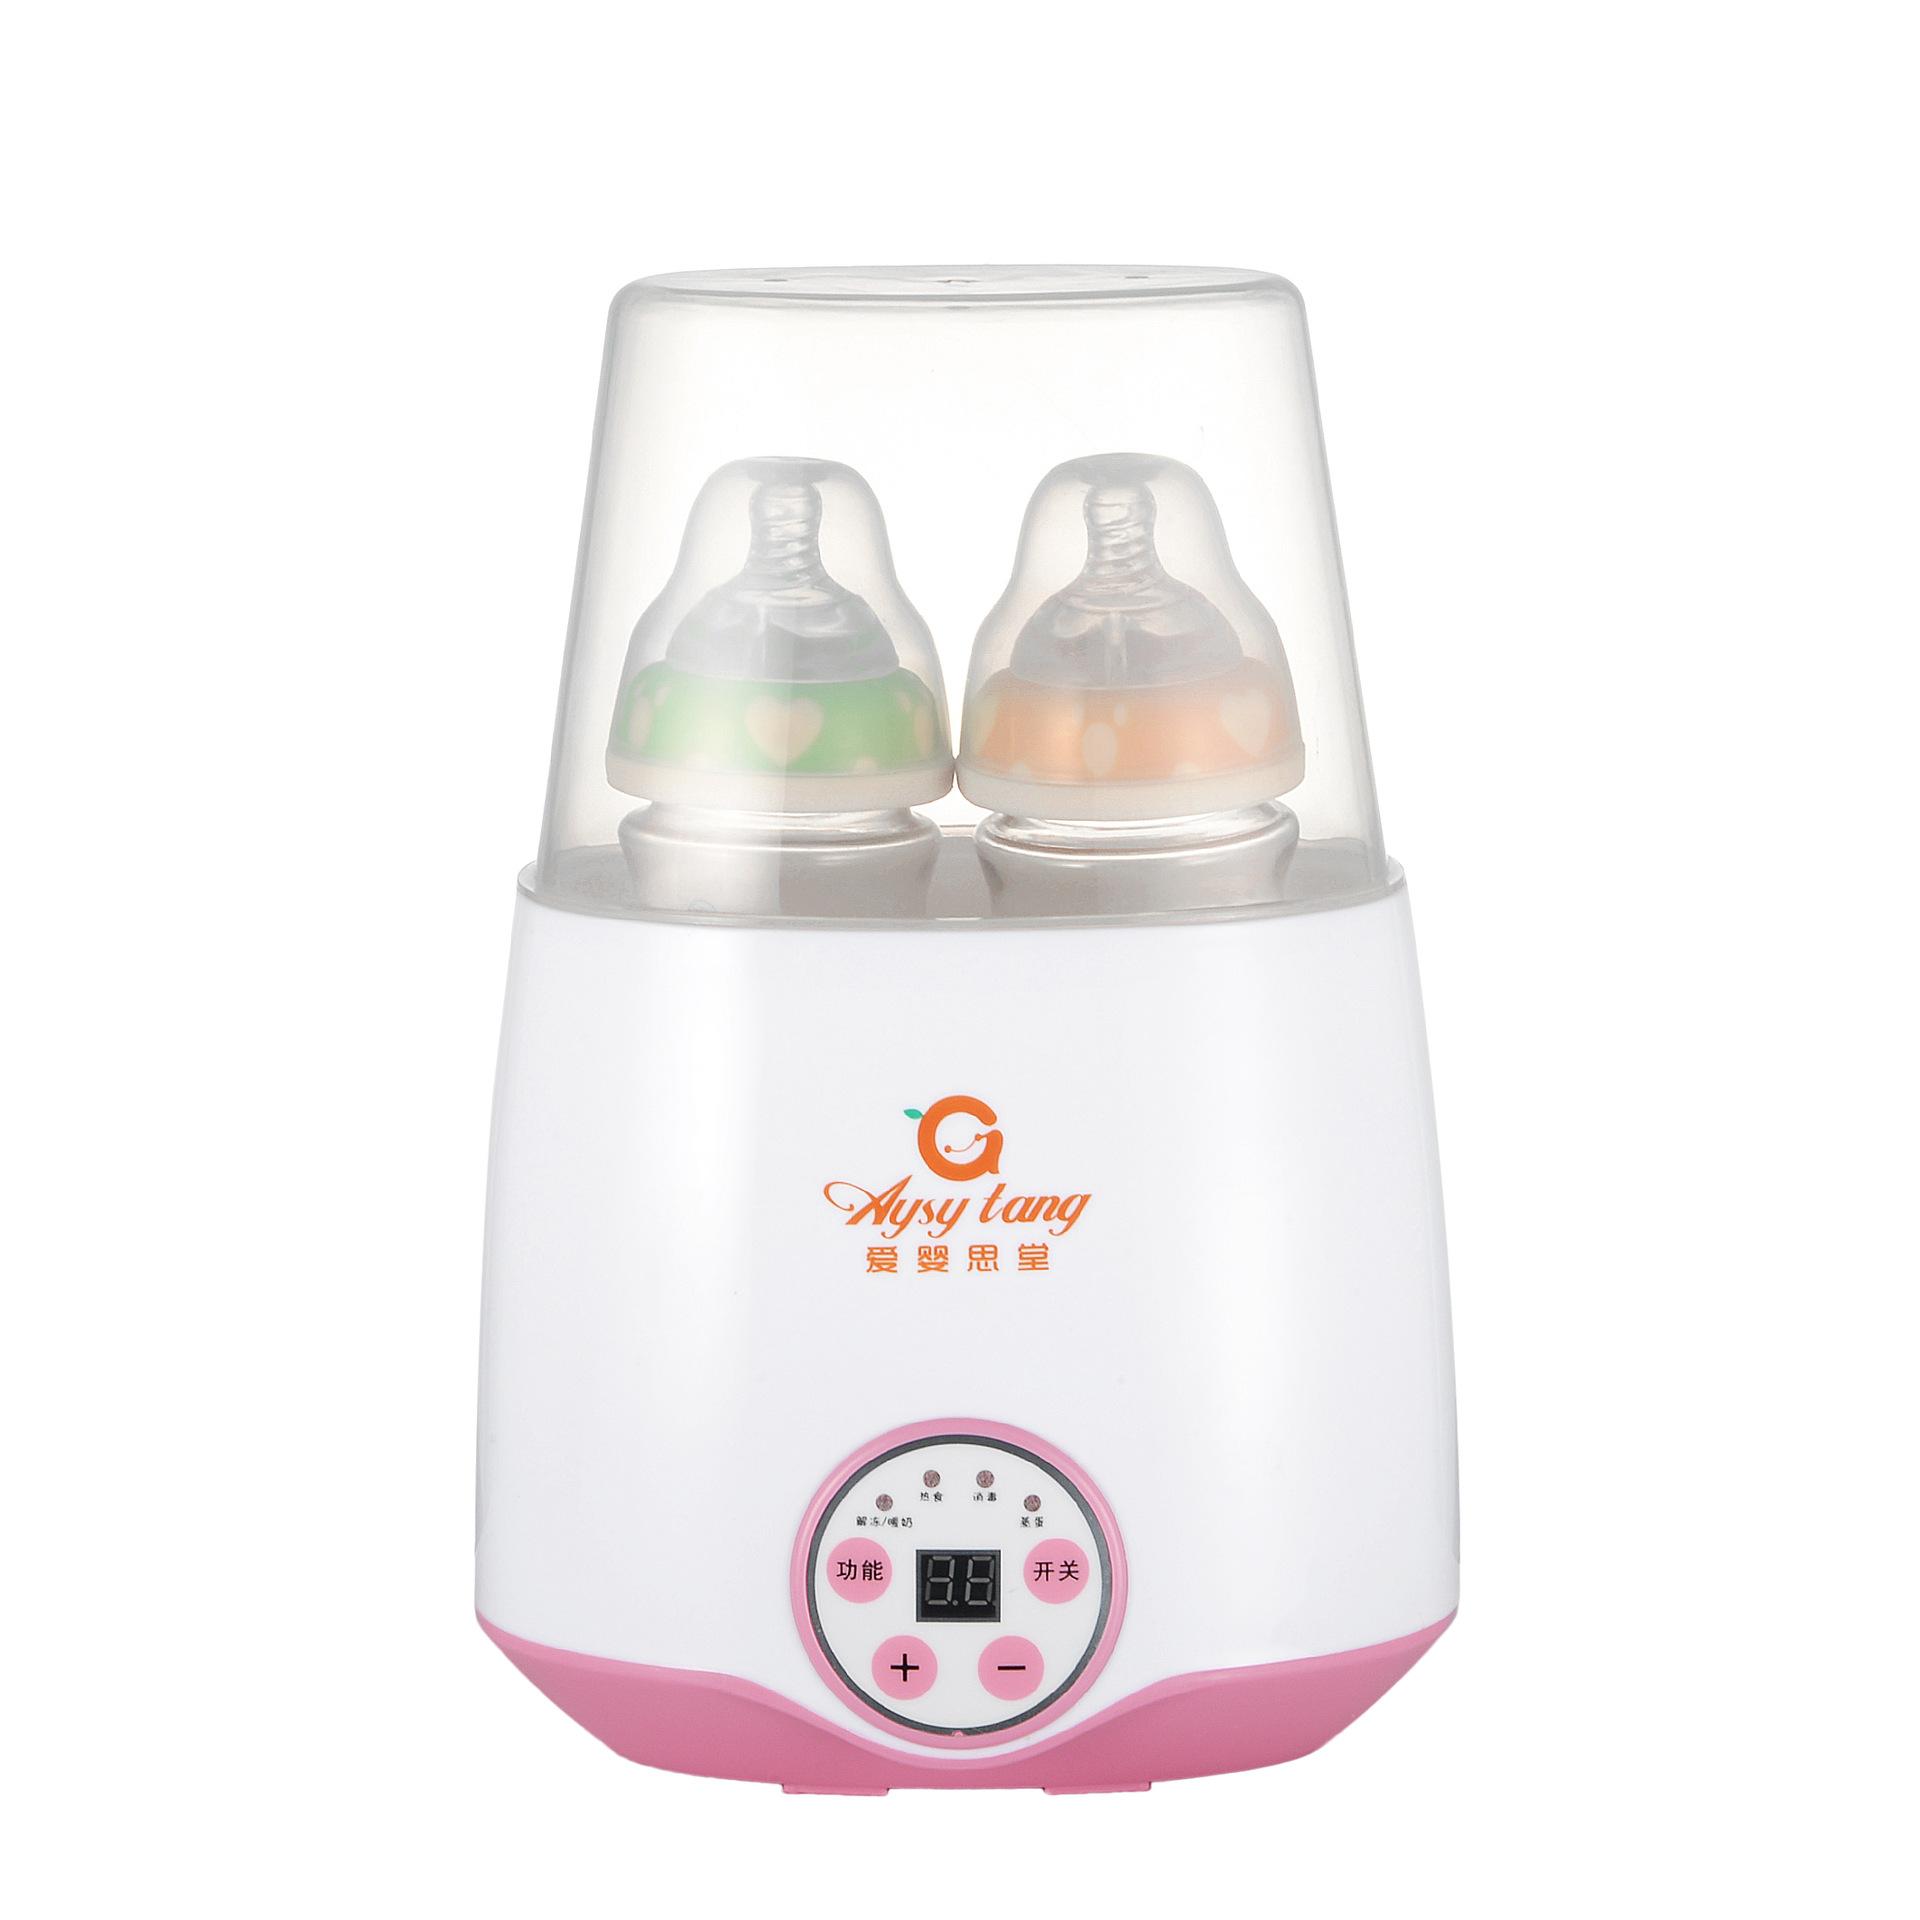 AYSY TANG  giữ ấm sữa Em bé sơ sinh đôi ấm hơn thông minh Em bé ấm hơn tiệt trùng sữa nóng chất lỏng